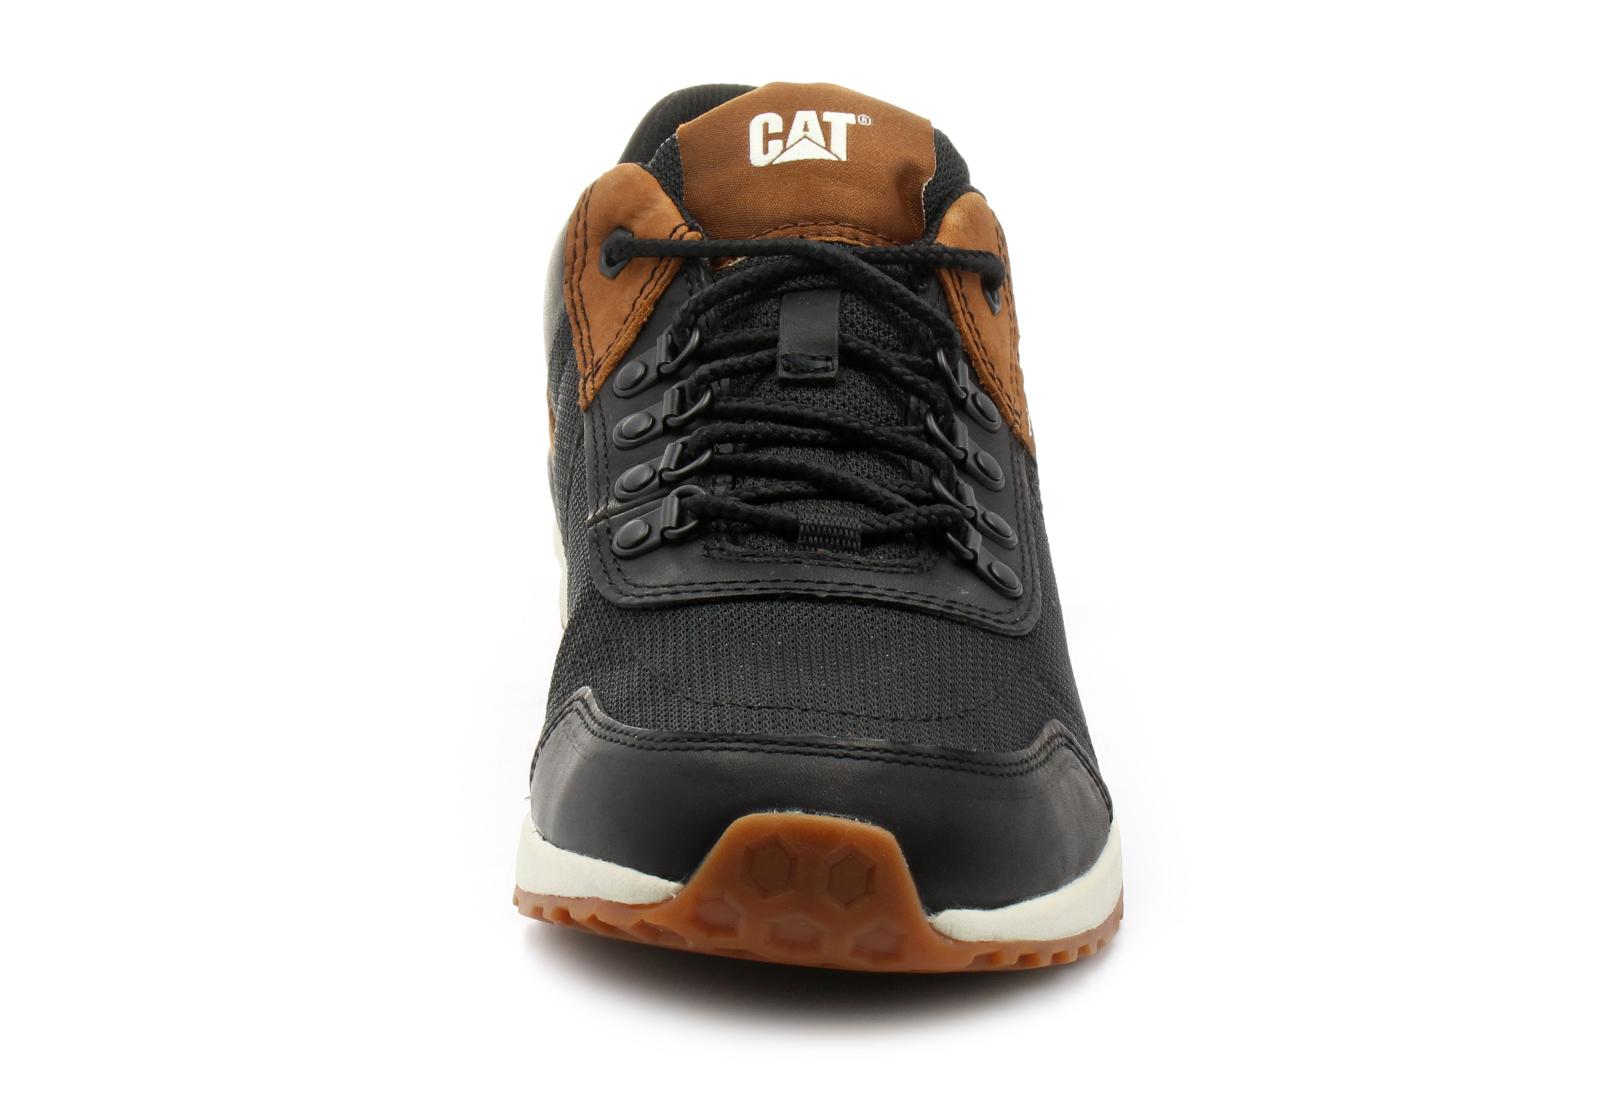 Cat Shoes Lapaz 722516 Blk Online Shop For Sneakers